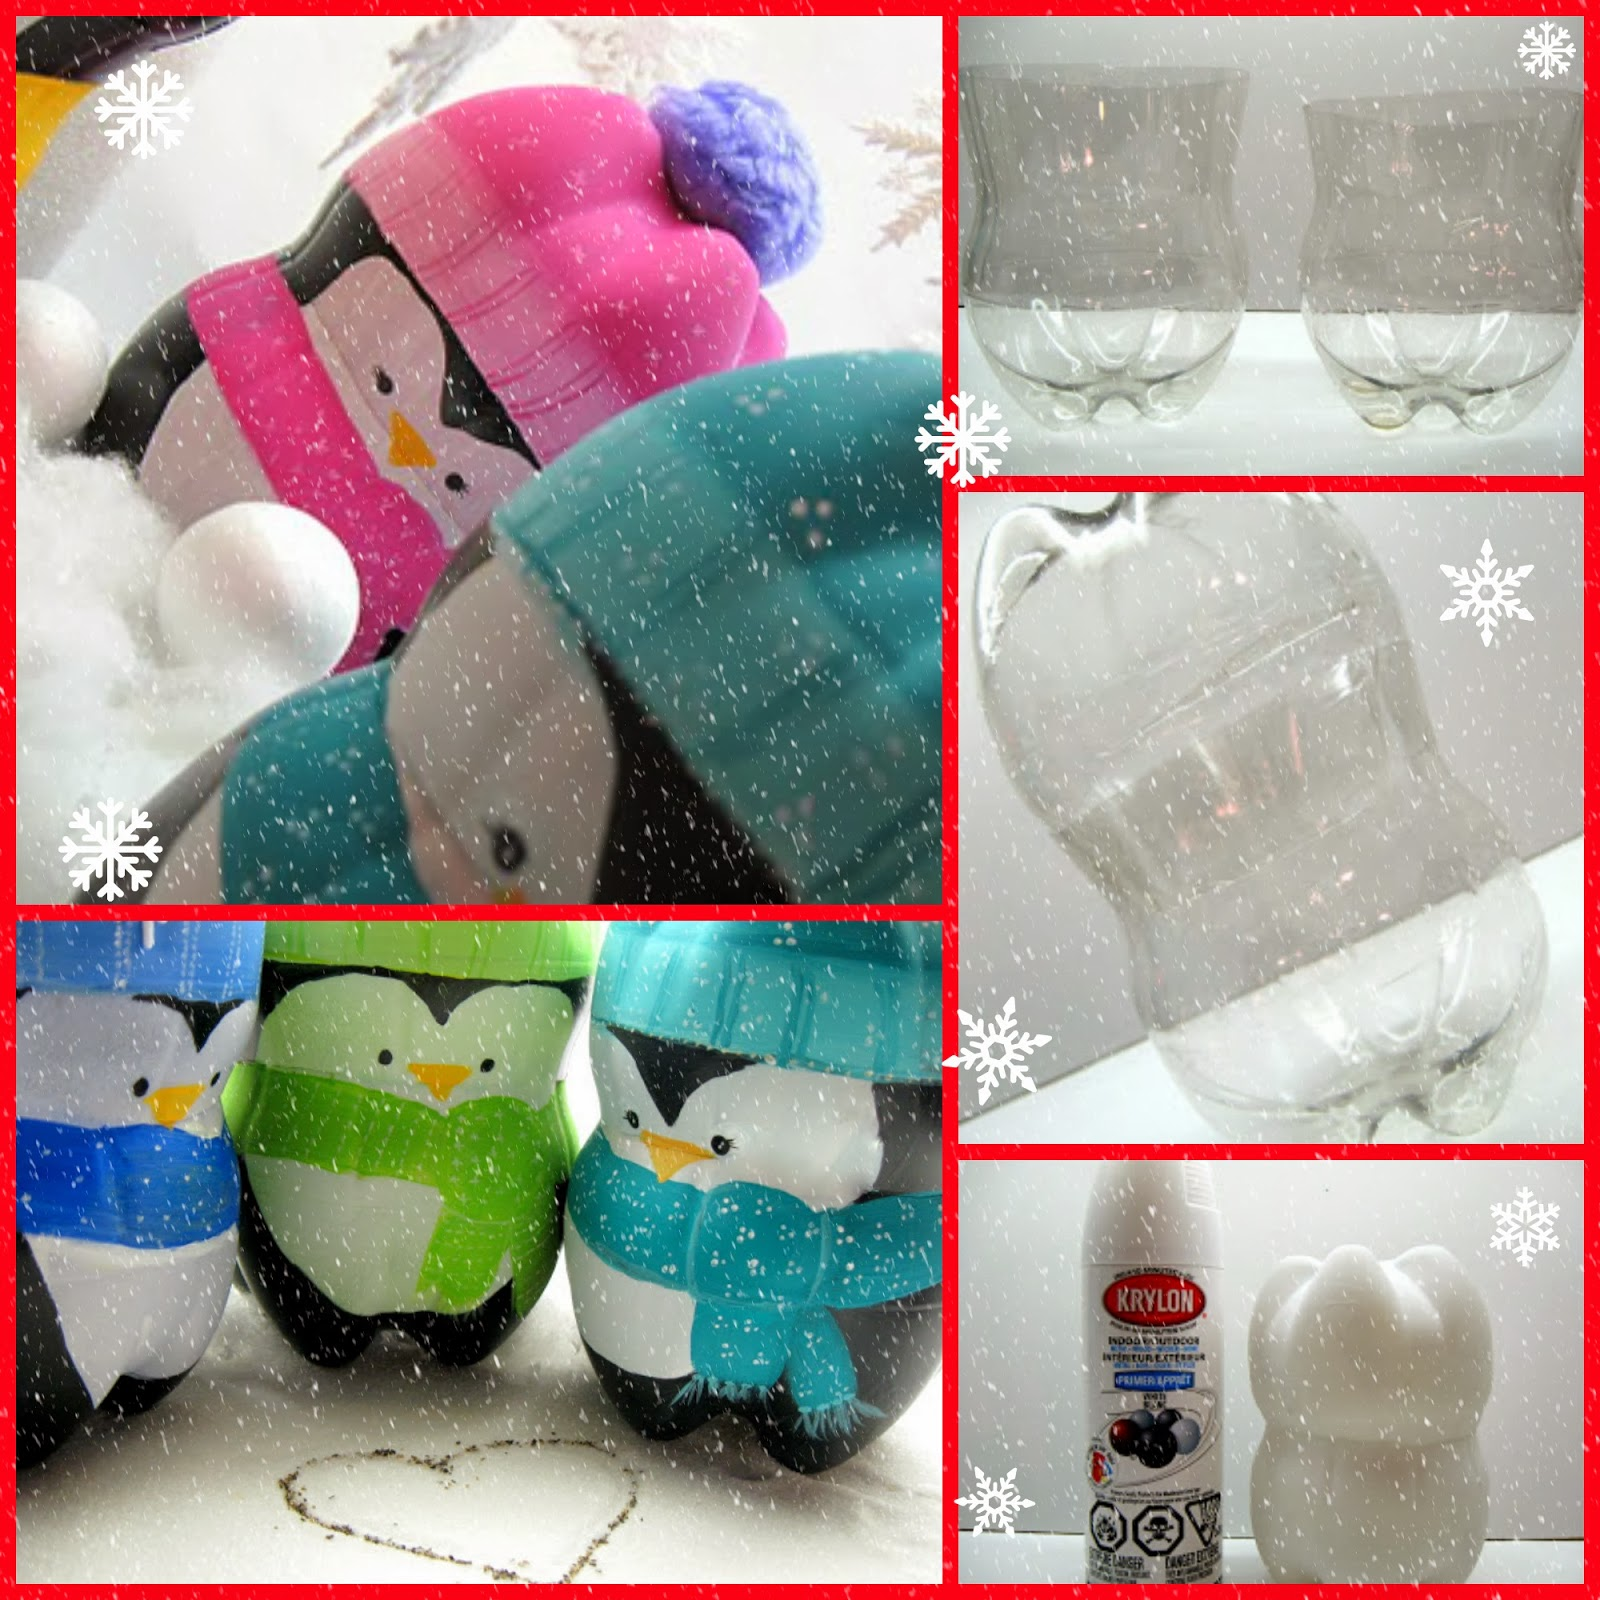 la tercer idea me encanta hermosos pinguinos hechos con botellas como